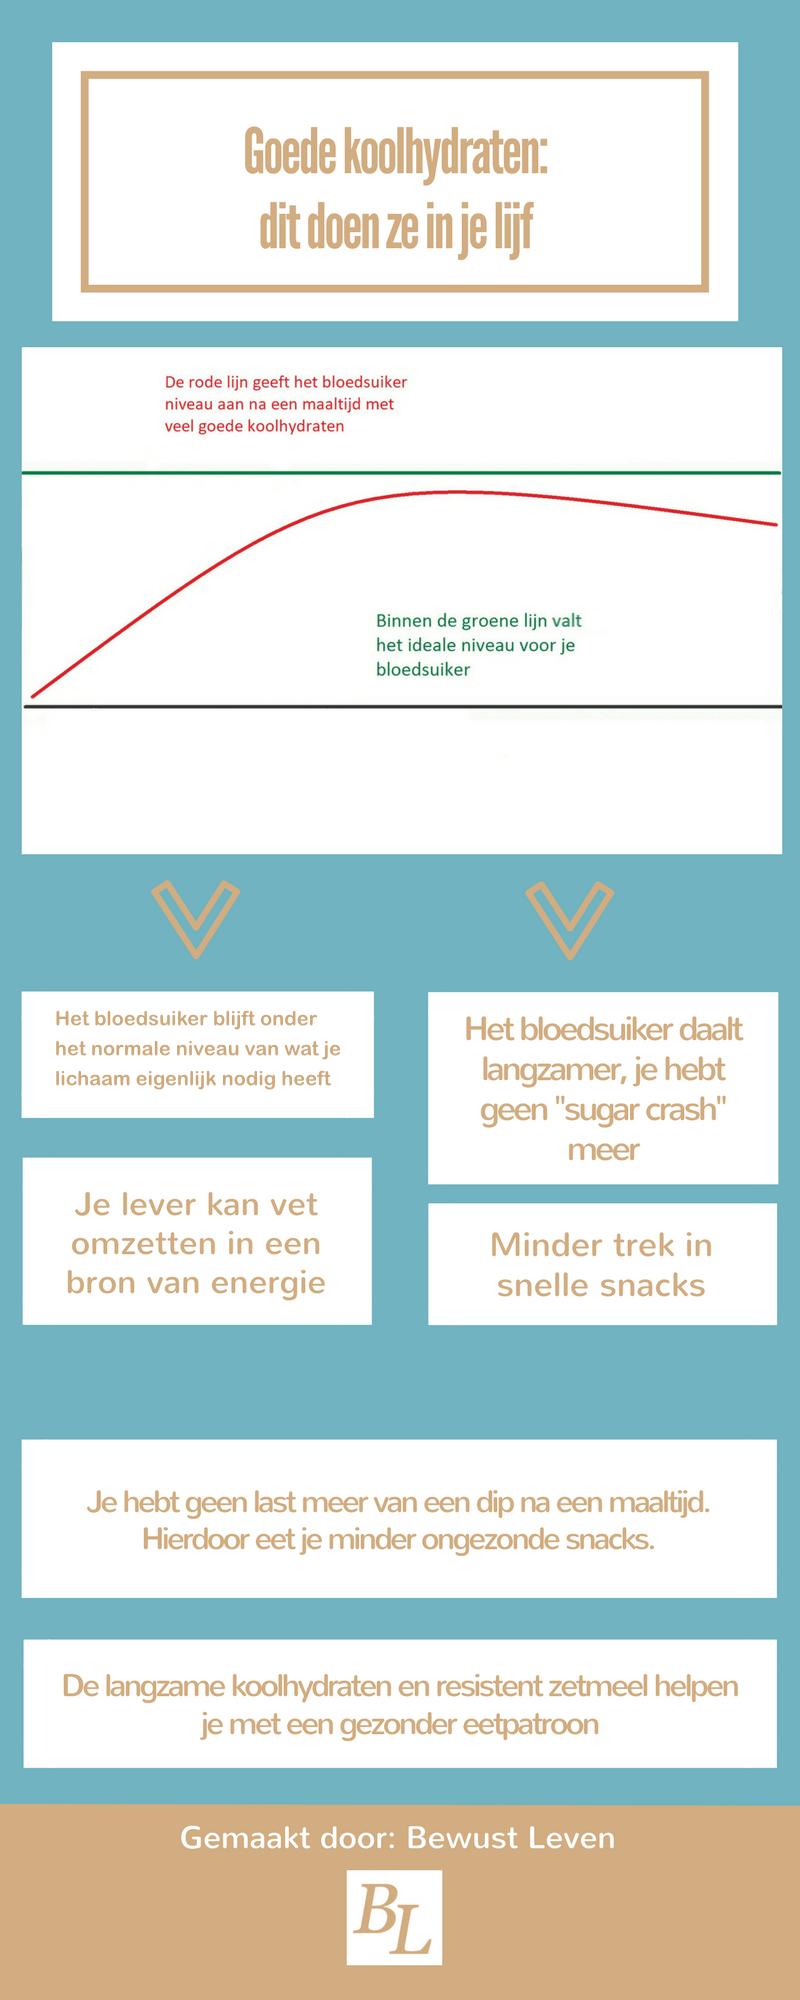 bloedsuikerspiegel en goede koolhydraten infographic